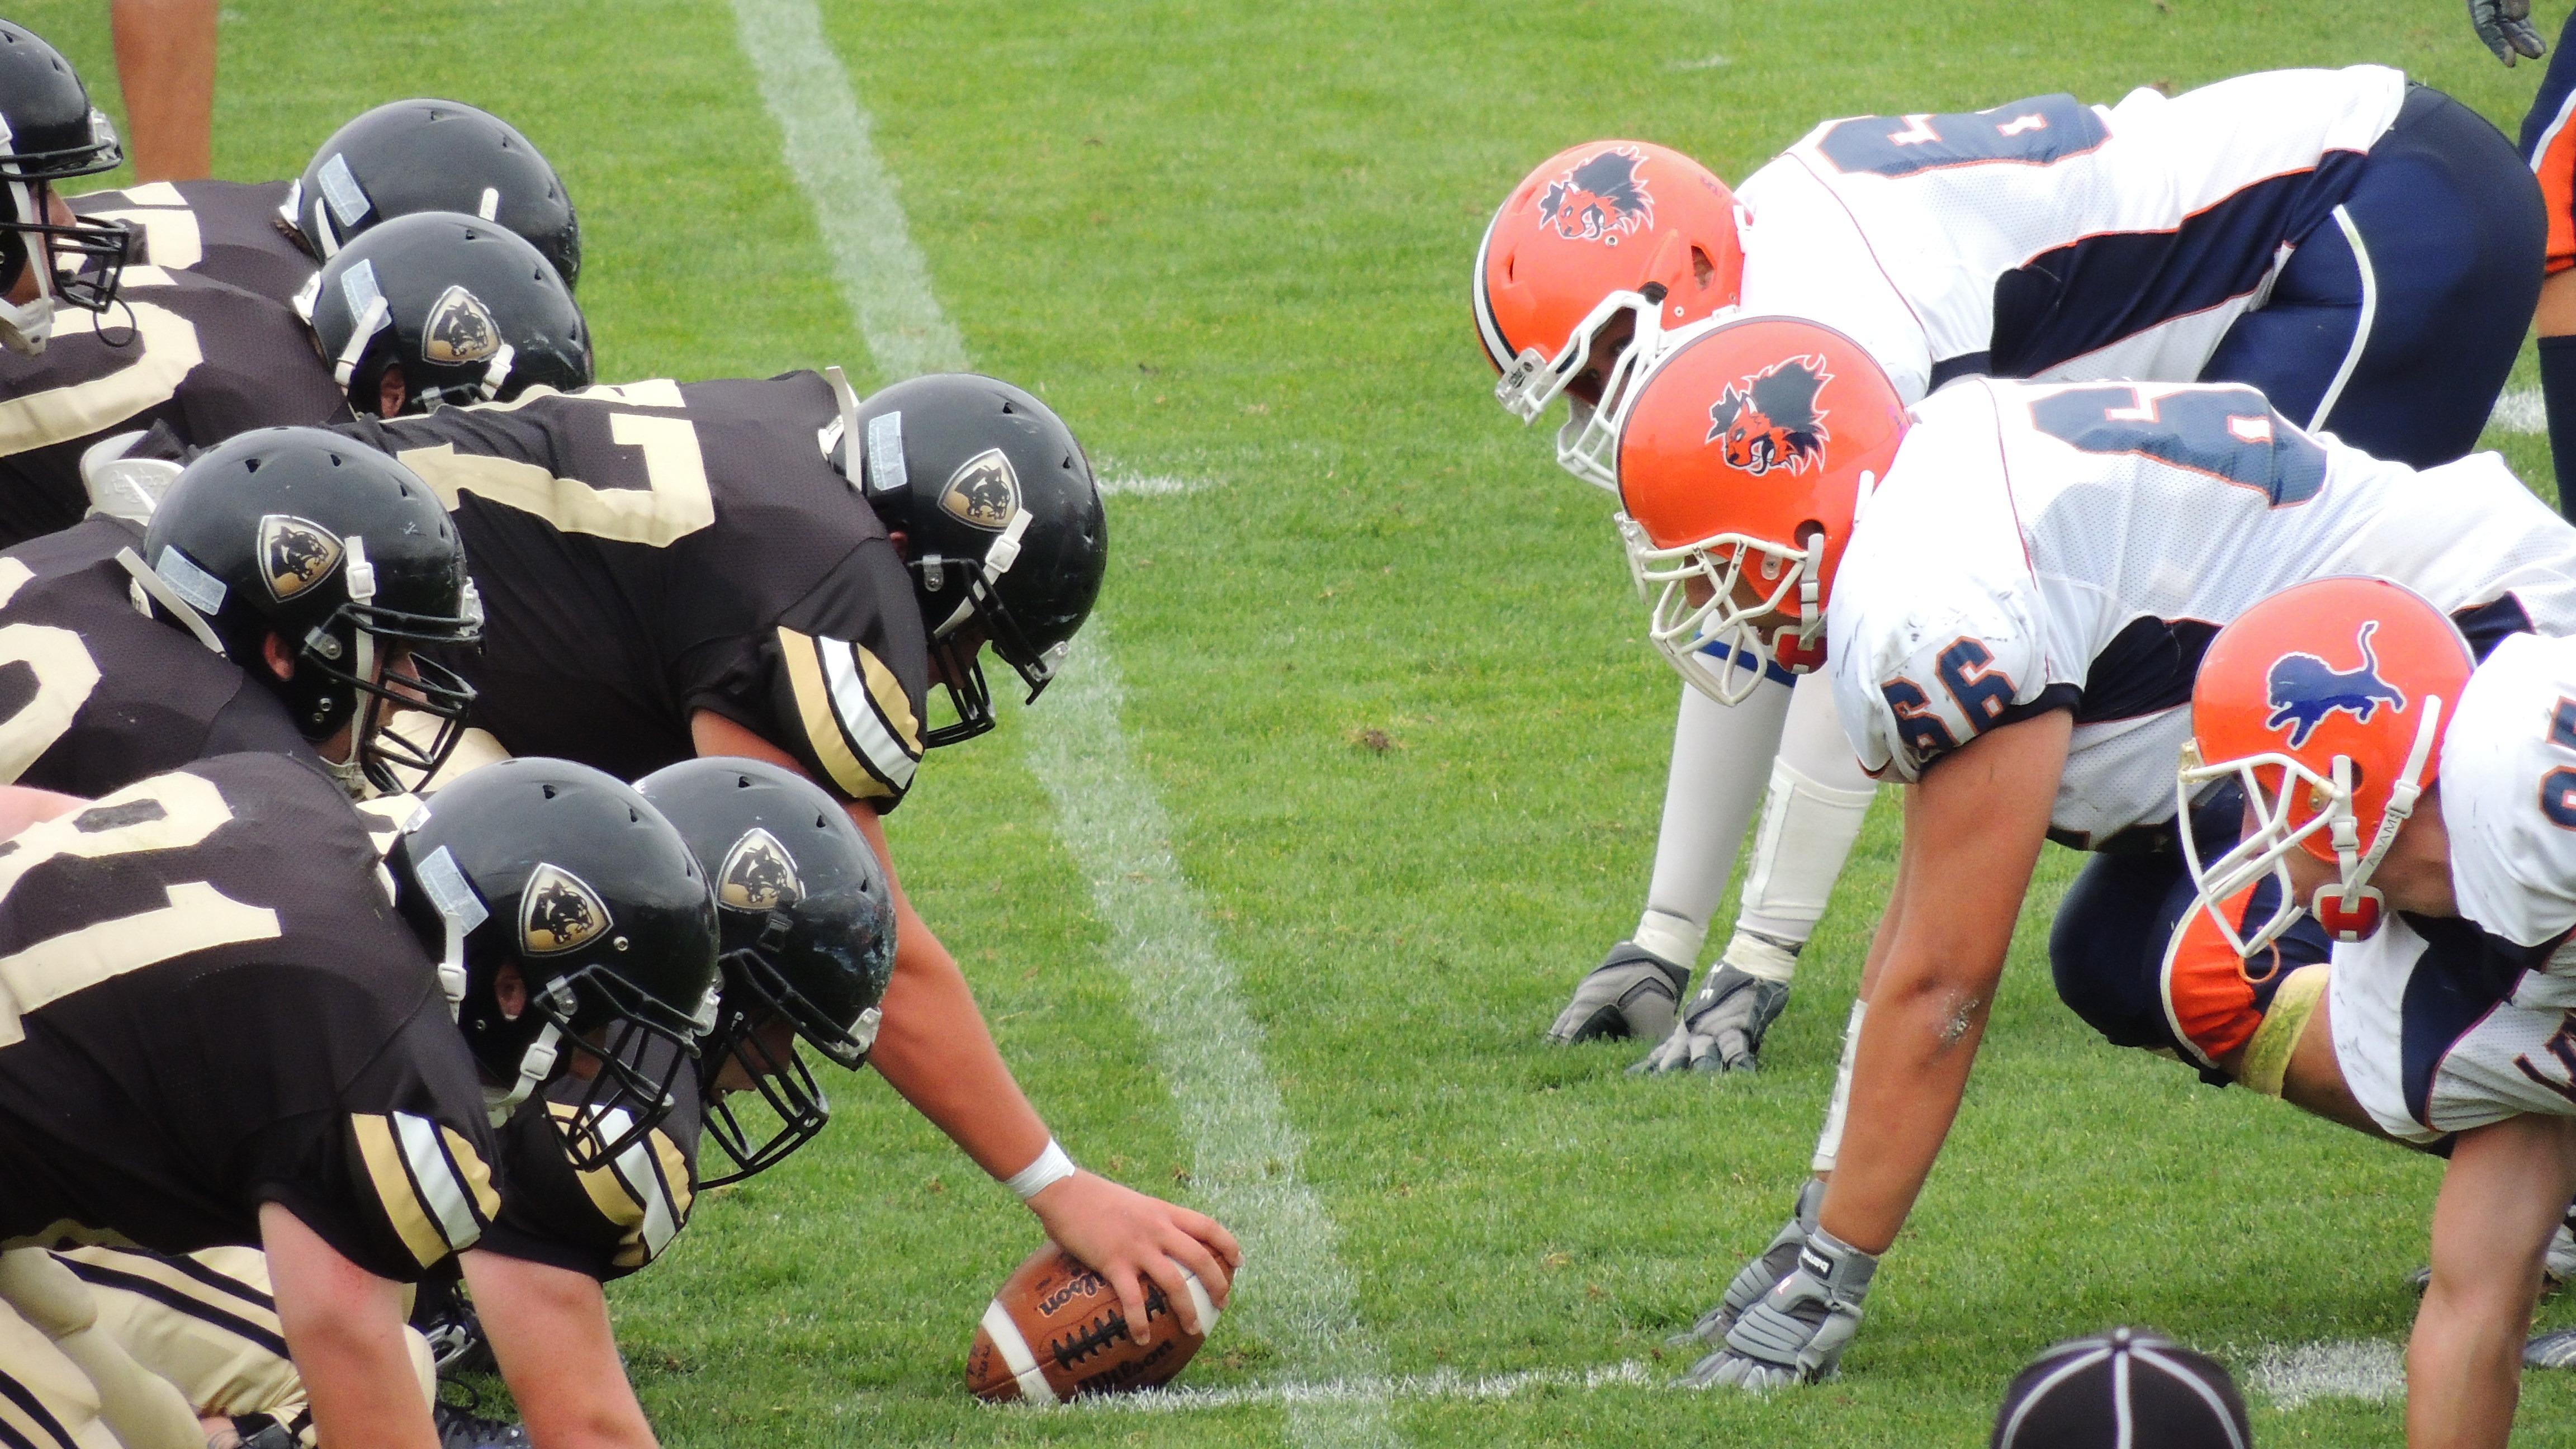 deporte juego fútbol jugador equipo fútbol americano Deportes espalda pelota  Cascos entrada jugador de fútbol Juego 0eefb0aefc9a